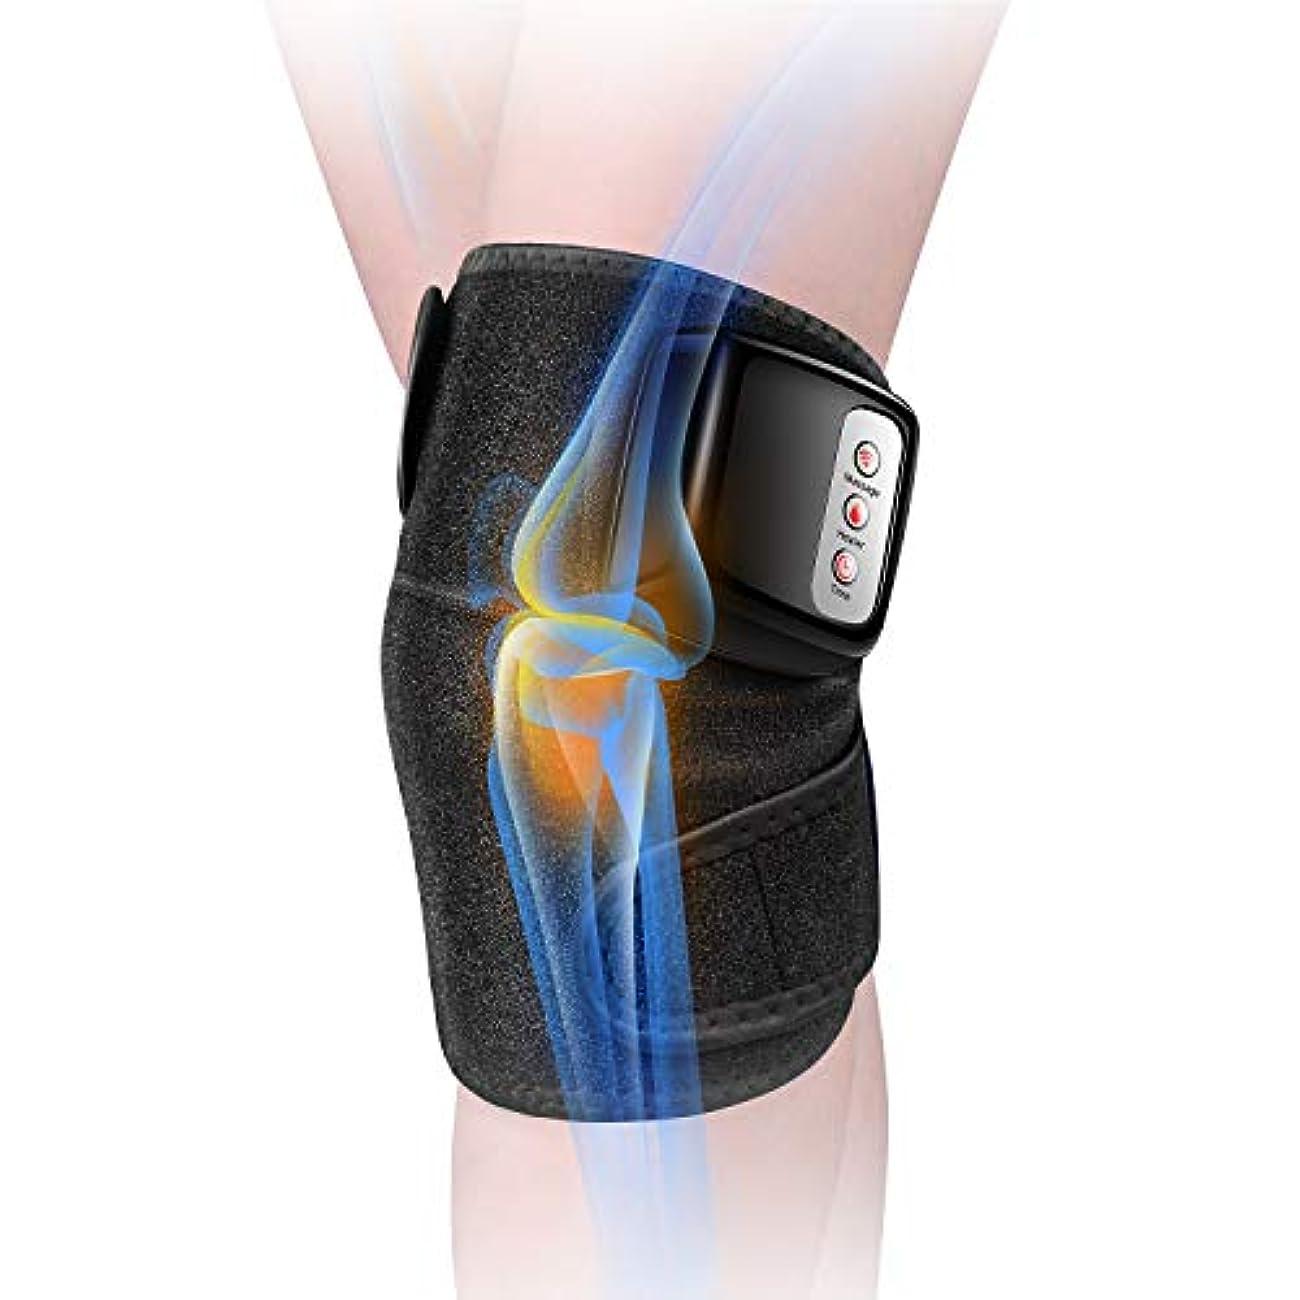 盲信全員着陸膝マッサージャー 関節マッサージャー マッサージ器 フットマッサージャー 振動 赤外線療法 温熱療法 膝サポーター ストレス解消 肩 太もも/腕対応